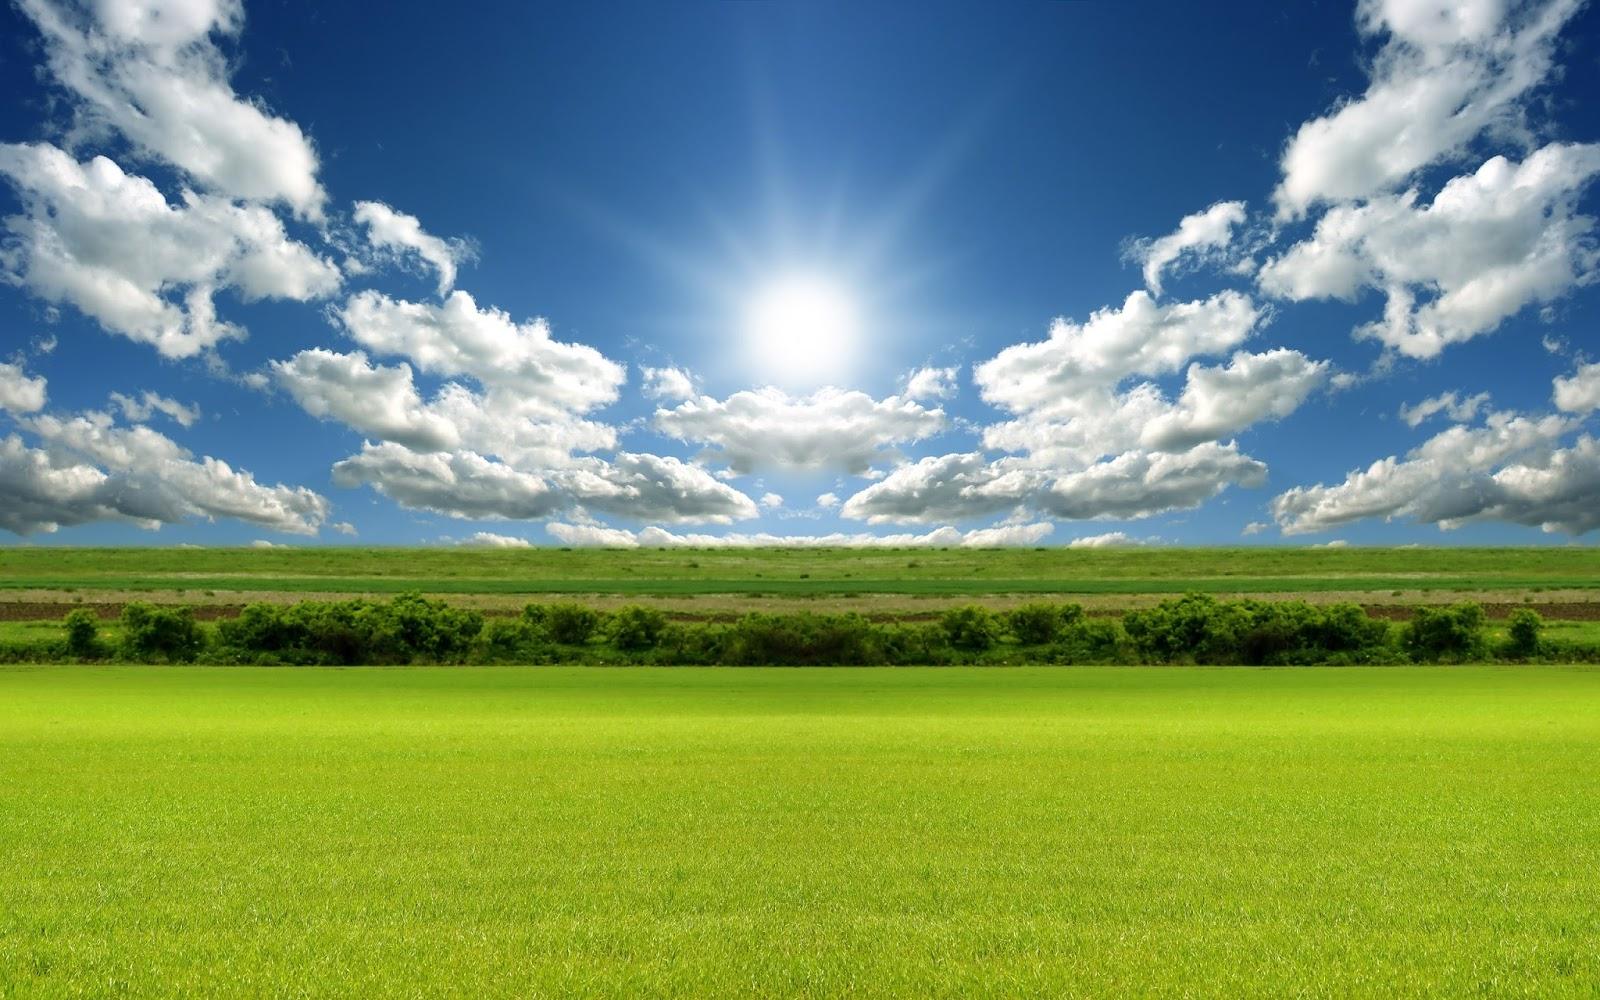 Banco de imagenes y fotos gratis wallpapers y fondos de pantalla de paisajes parte 3 - Imagenes de paisajes ...